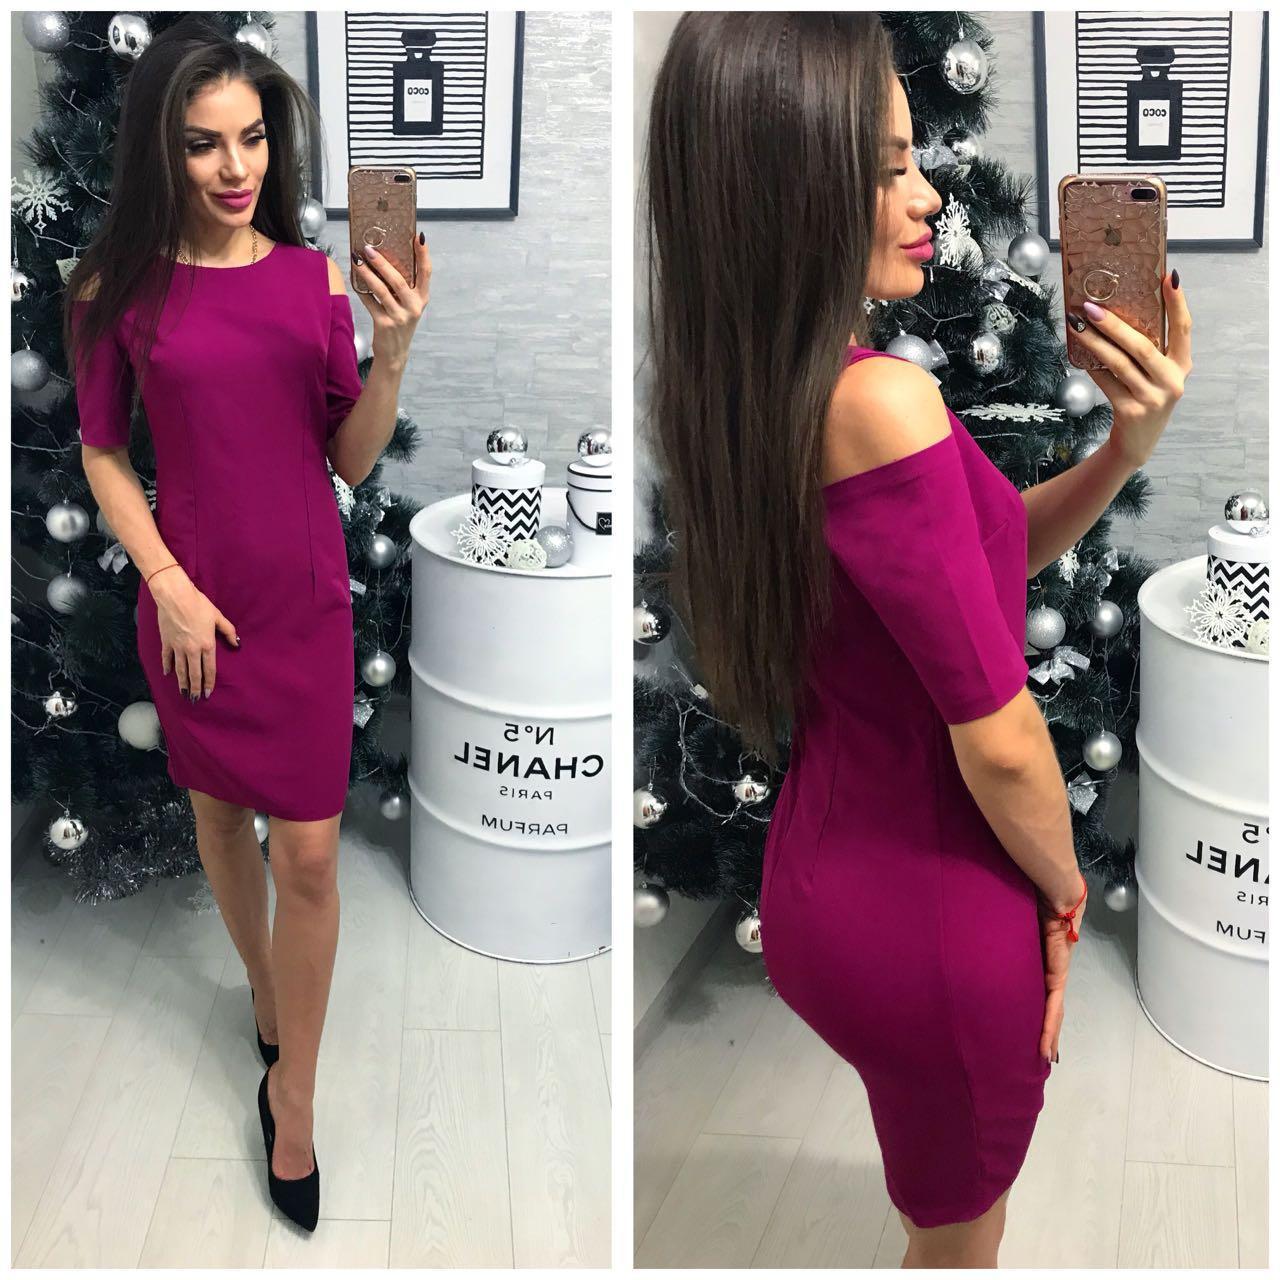 Сукня, модель 766, колір - фуксія (пурпурний)